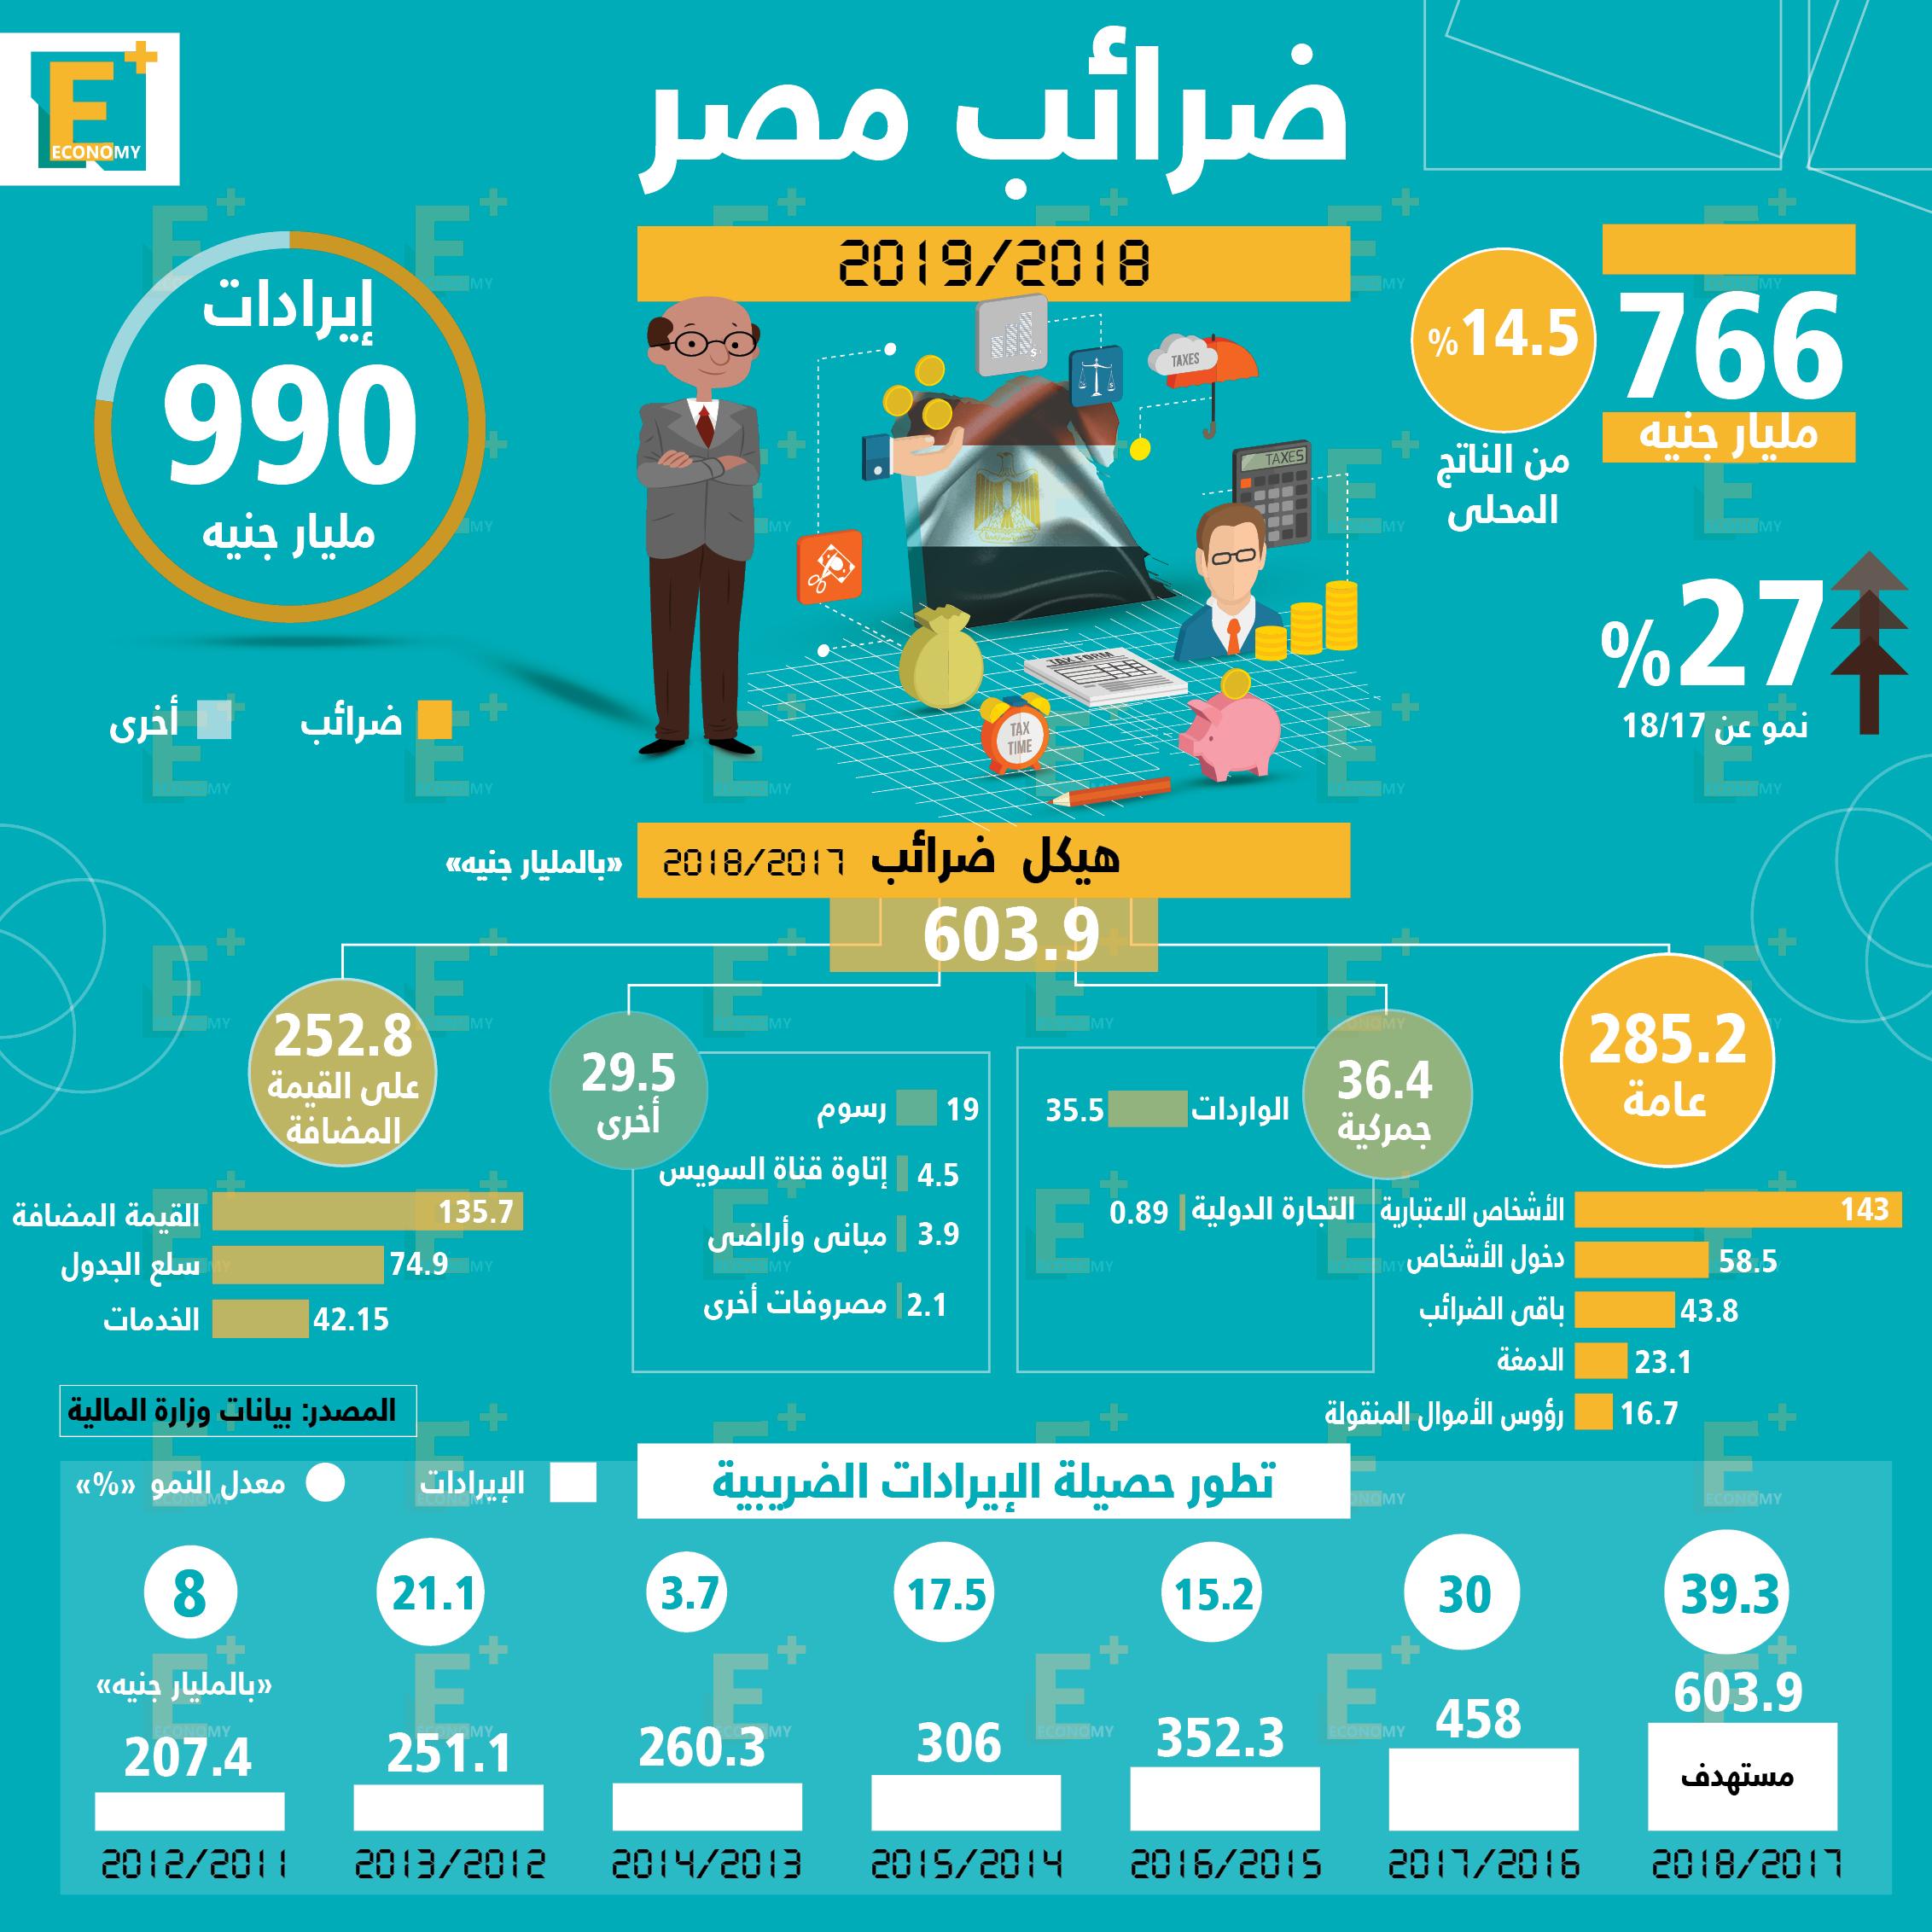 ضرائب مصر 2018 \ 2019